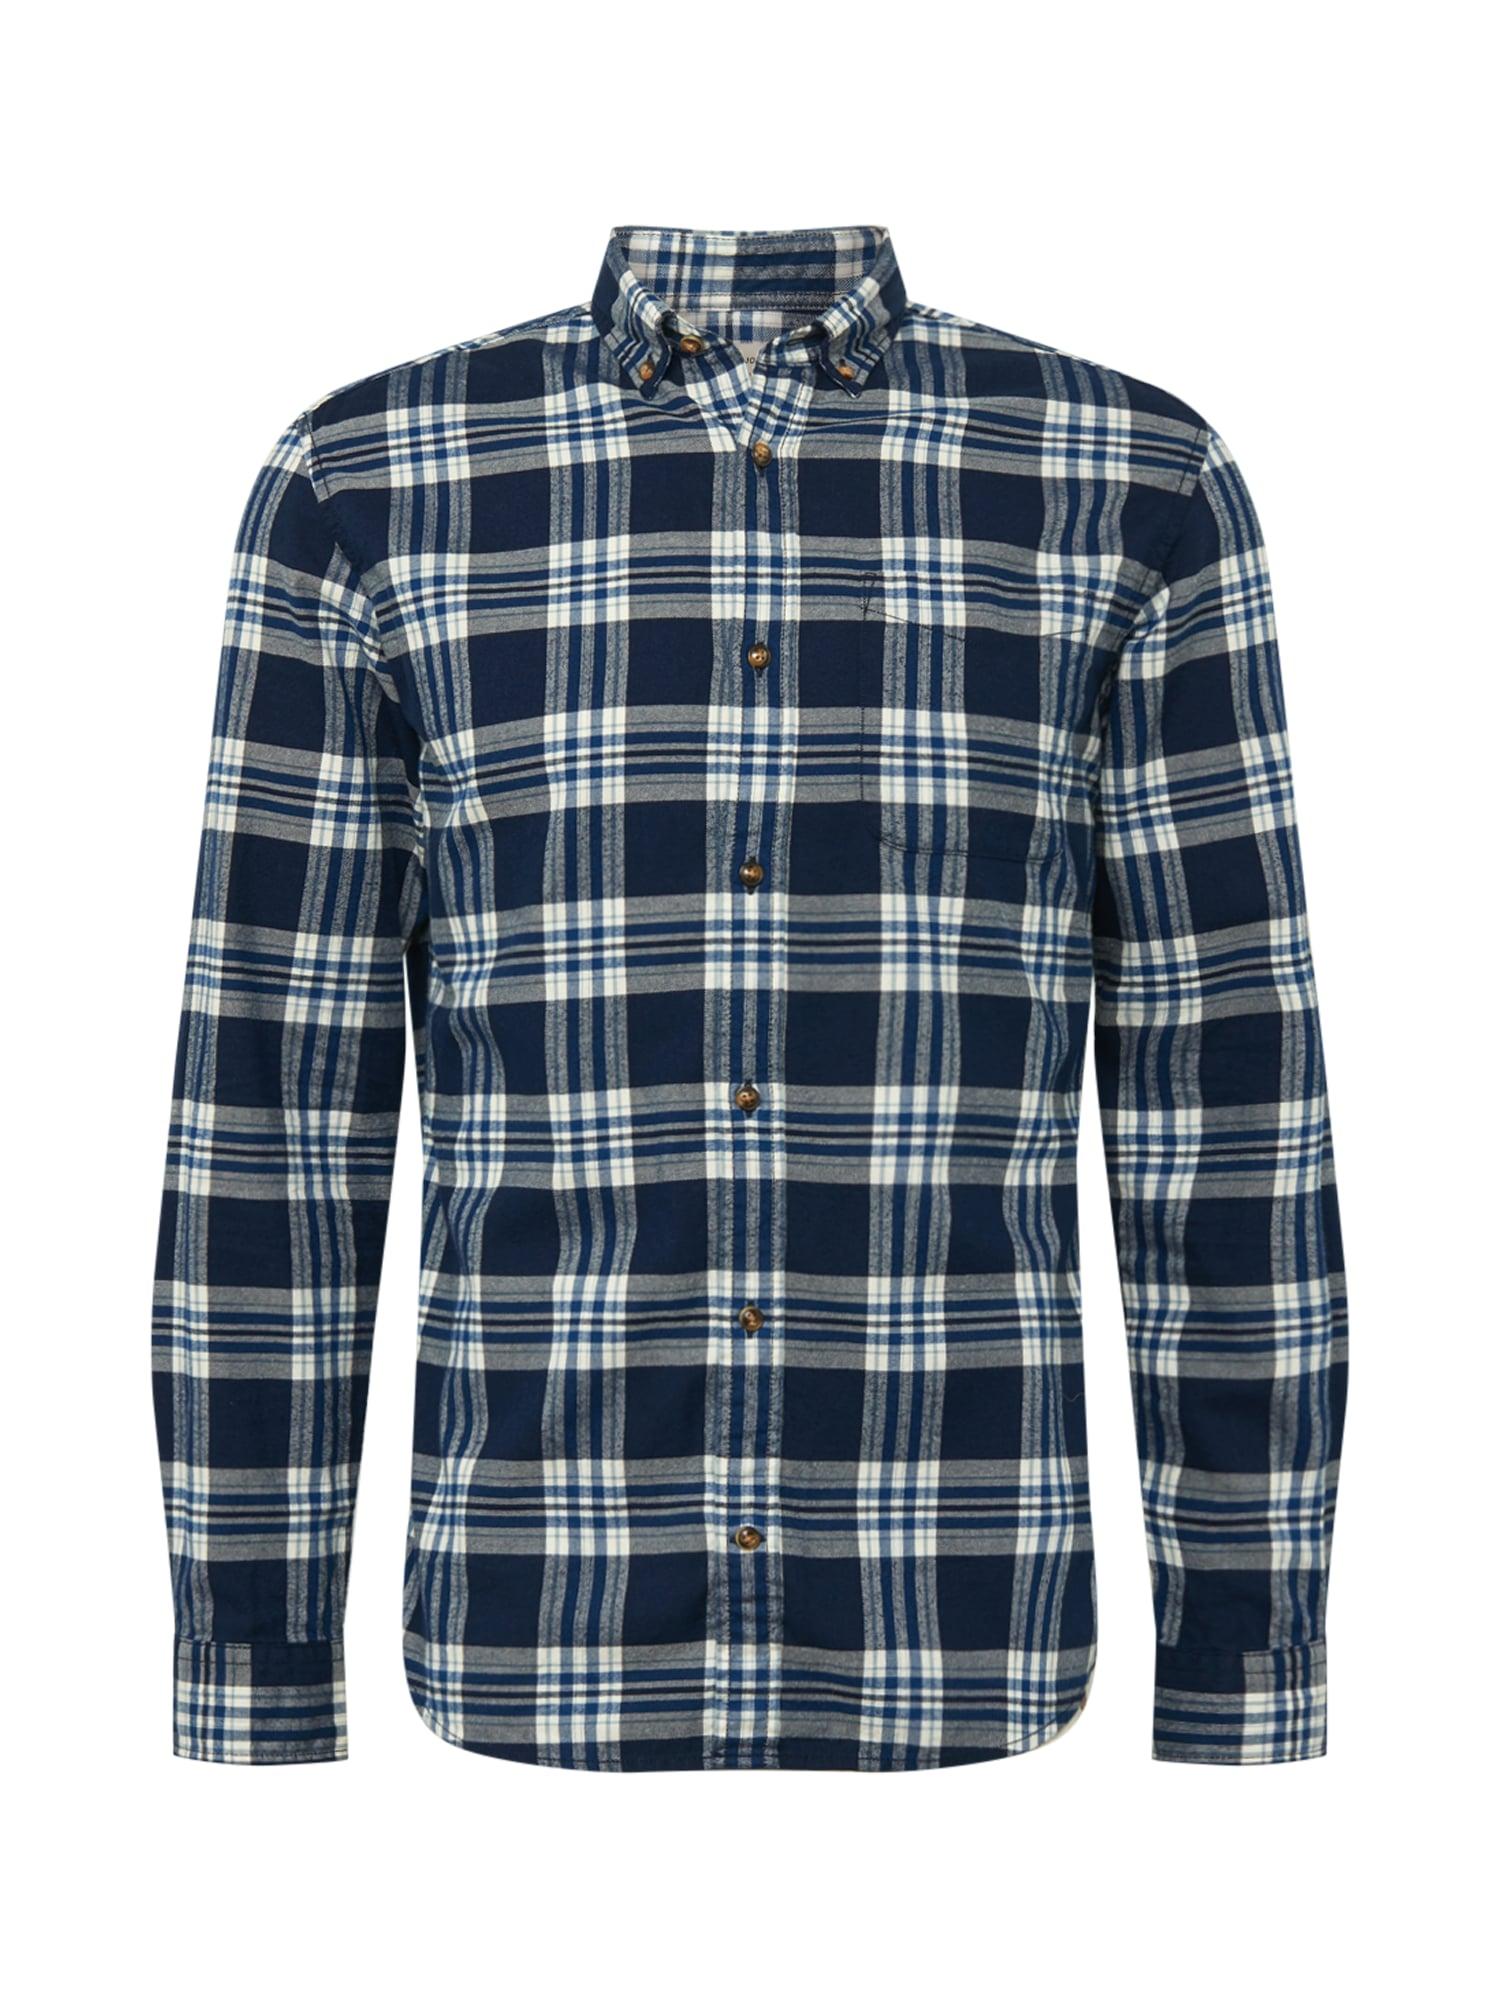 JACK & JONES Marškiniai tamsiai mėlyna jūros spalva / melsvai pilka / balta